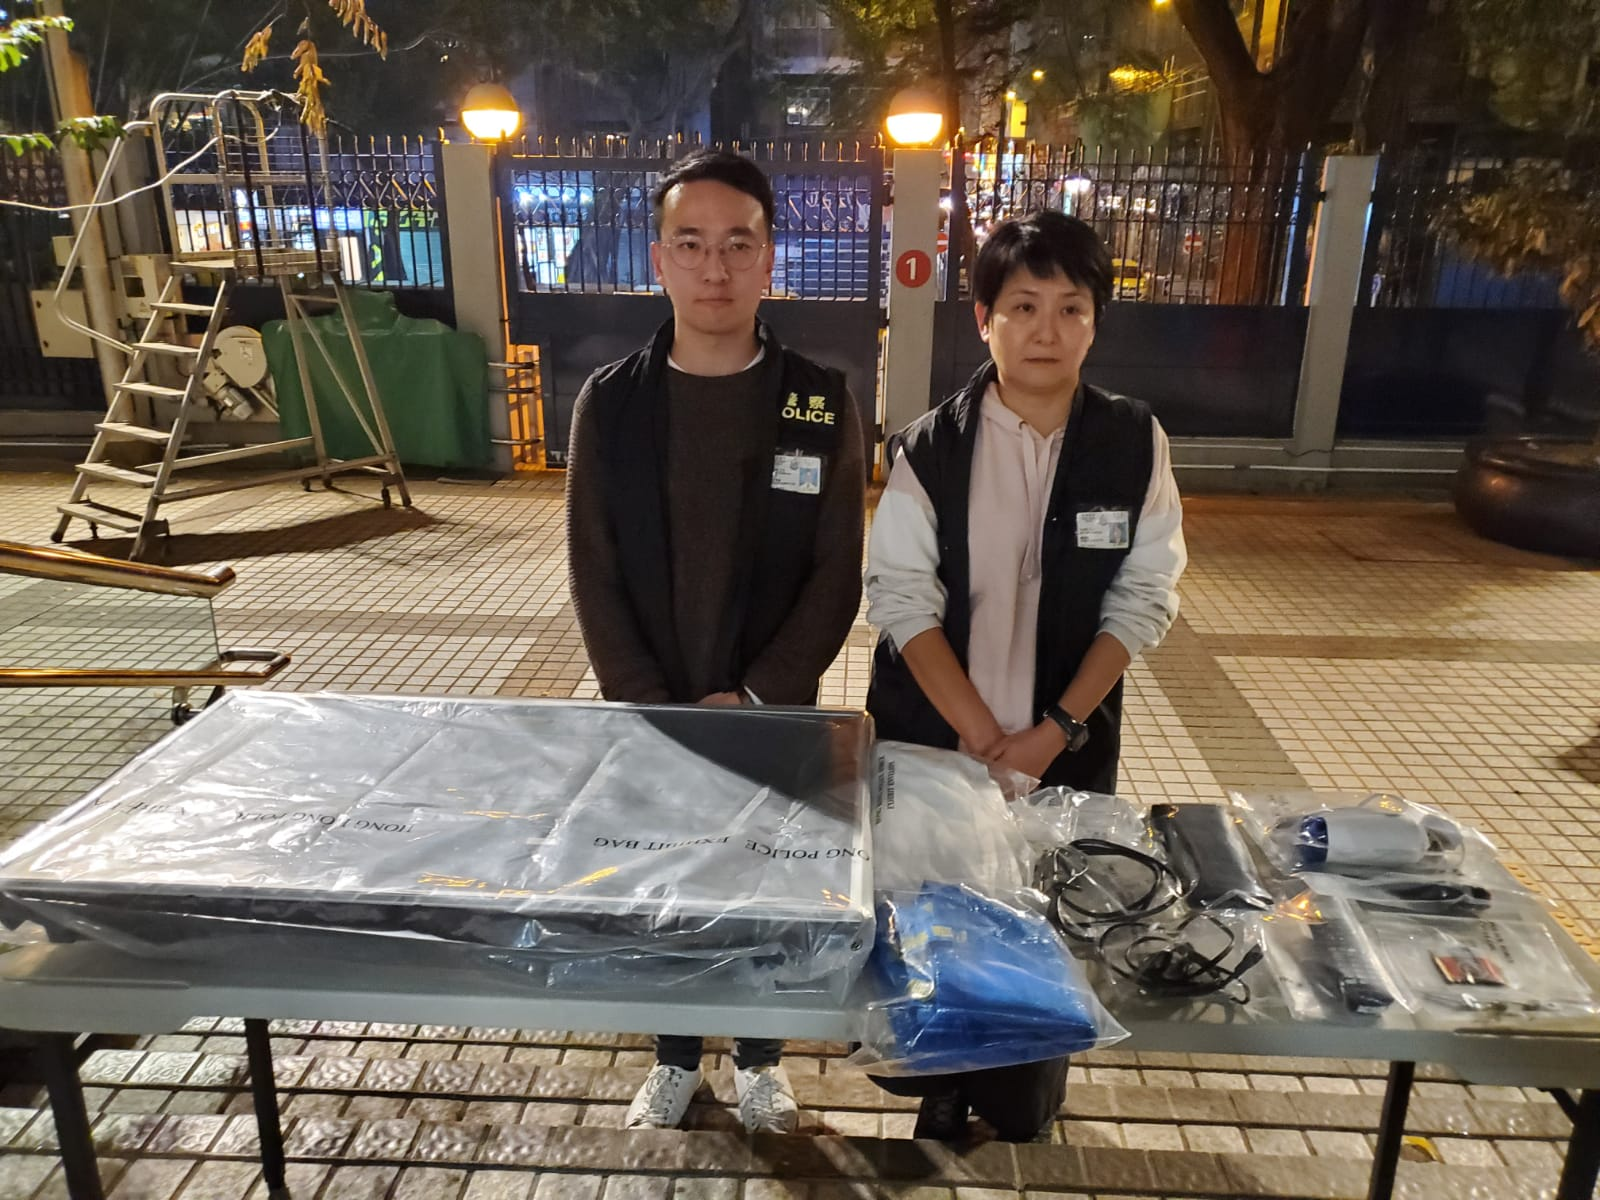 警破爆窃集团拘两男 涉两宗宾馆爆窃案